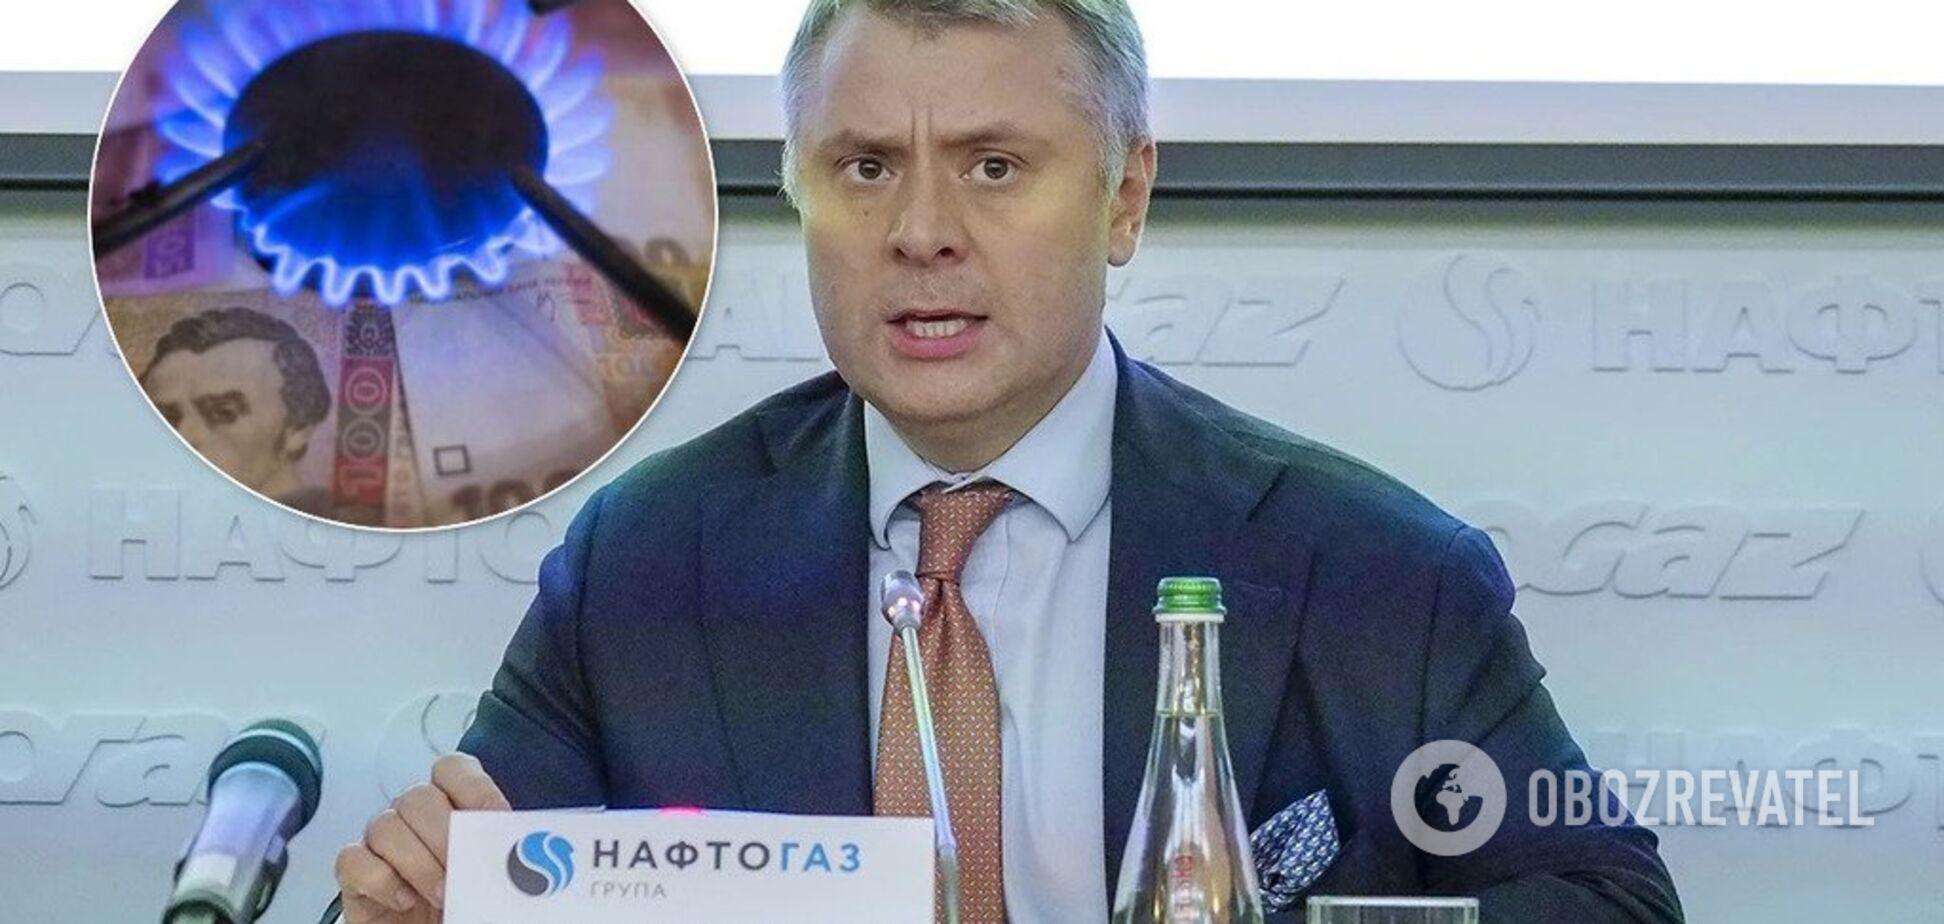 'Расплата за коррупцию': в 'Нафтогазе' объяснили, почему подняли цену на газ